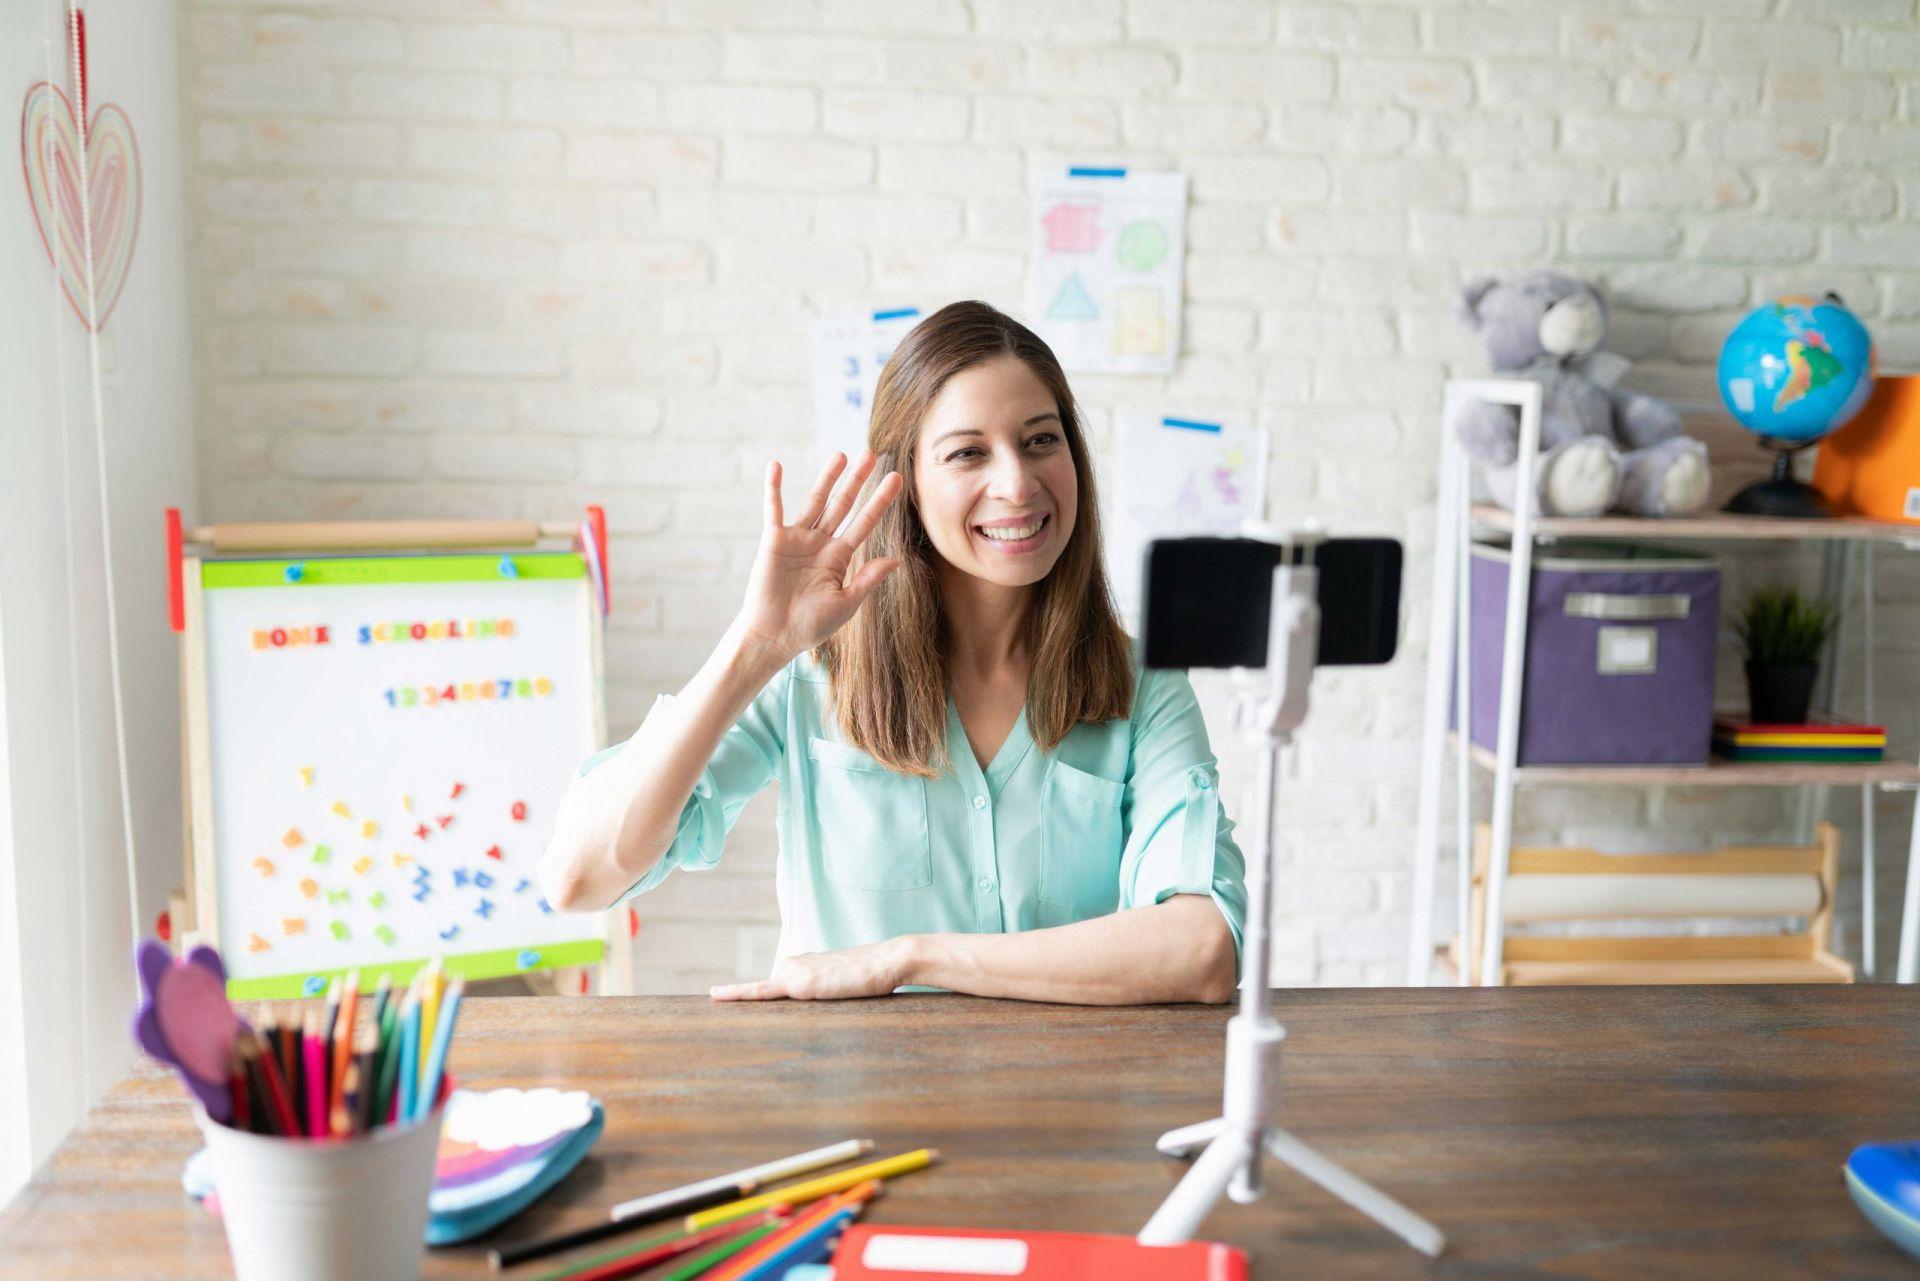 5 Razones importantes para darle continuidad a la educación de niños y niñas entre 2 y 6 años